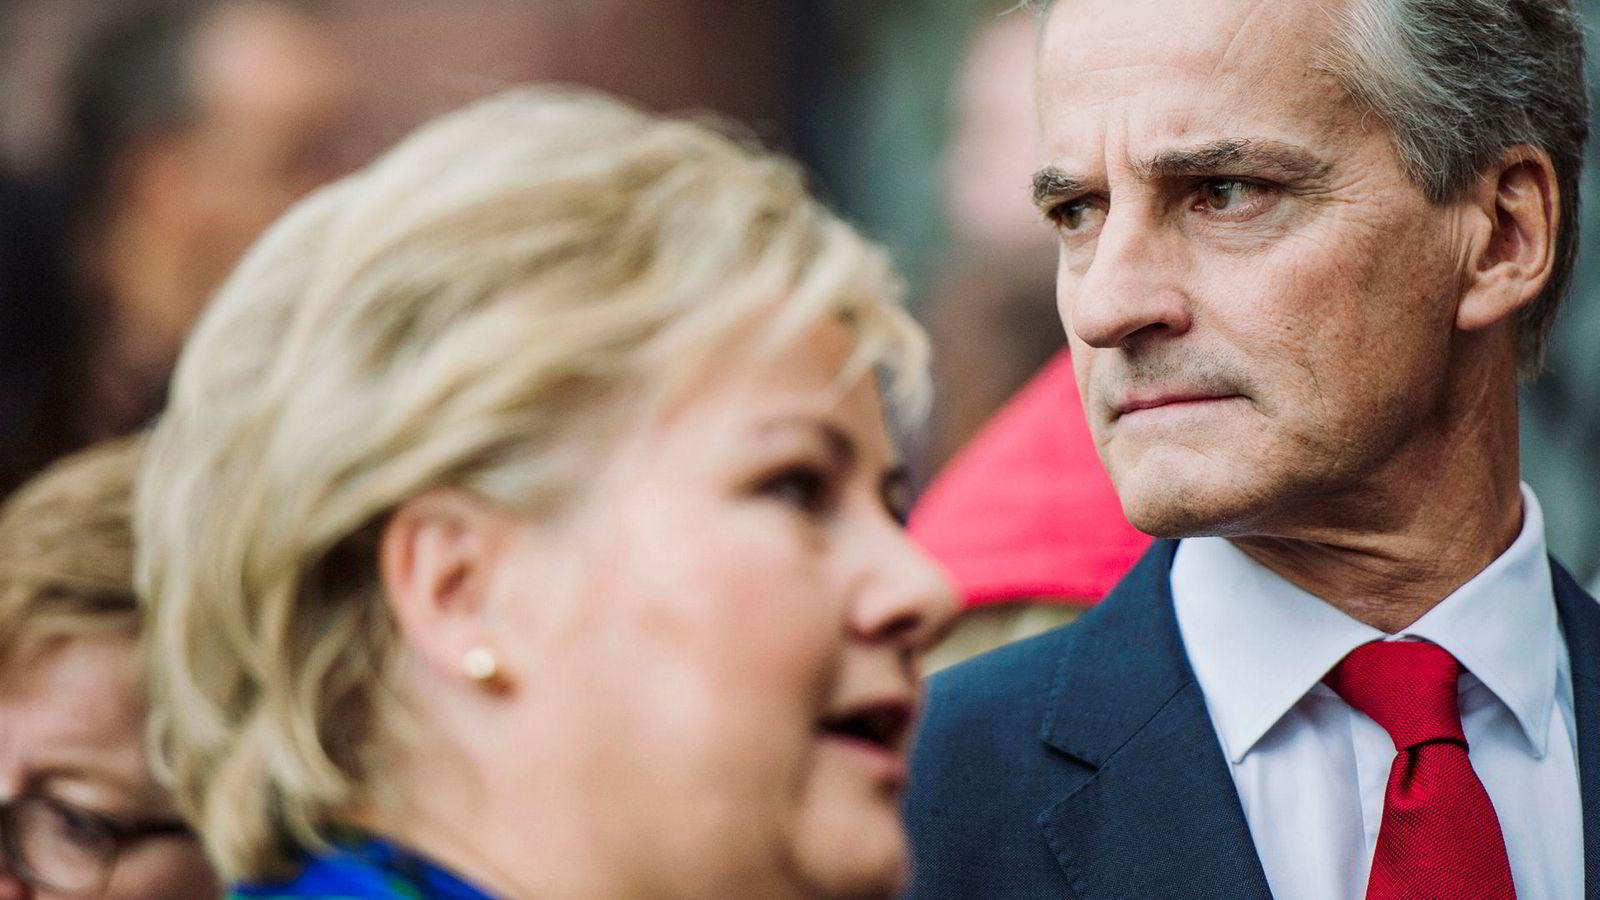 Jonas Gahr Støre tar positive målinger den siste tiden som en oppmuntring og varsler en høst preget av sterk kritikk mot regjeringssjef Erna Solberg i flere saker.